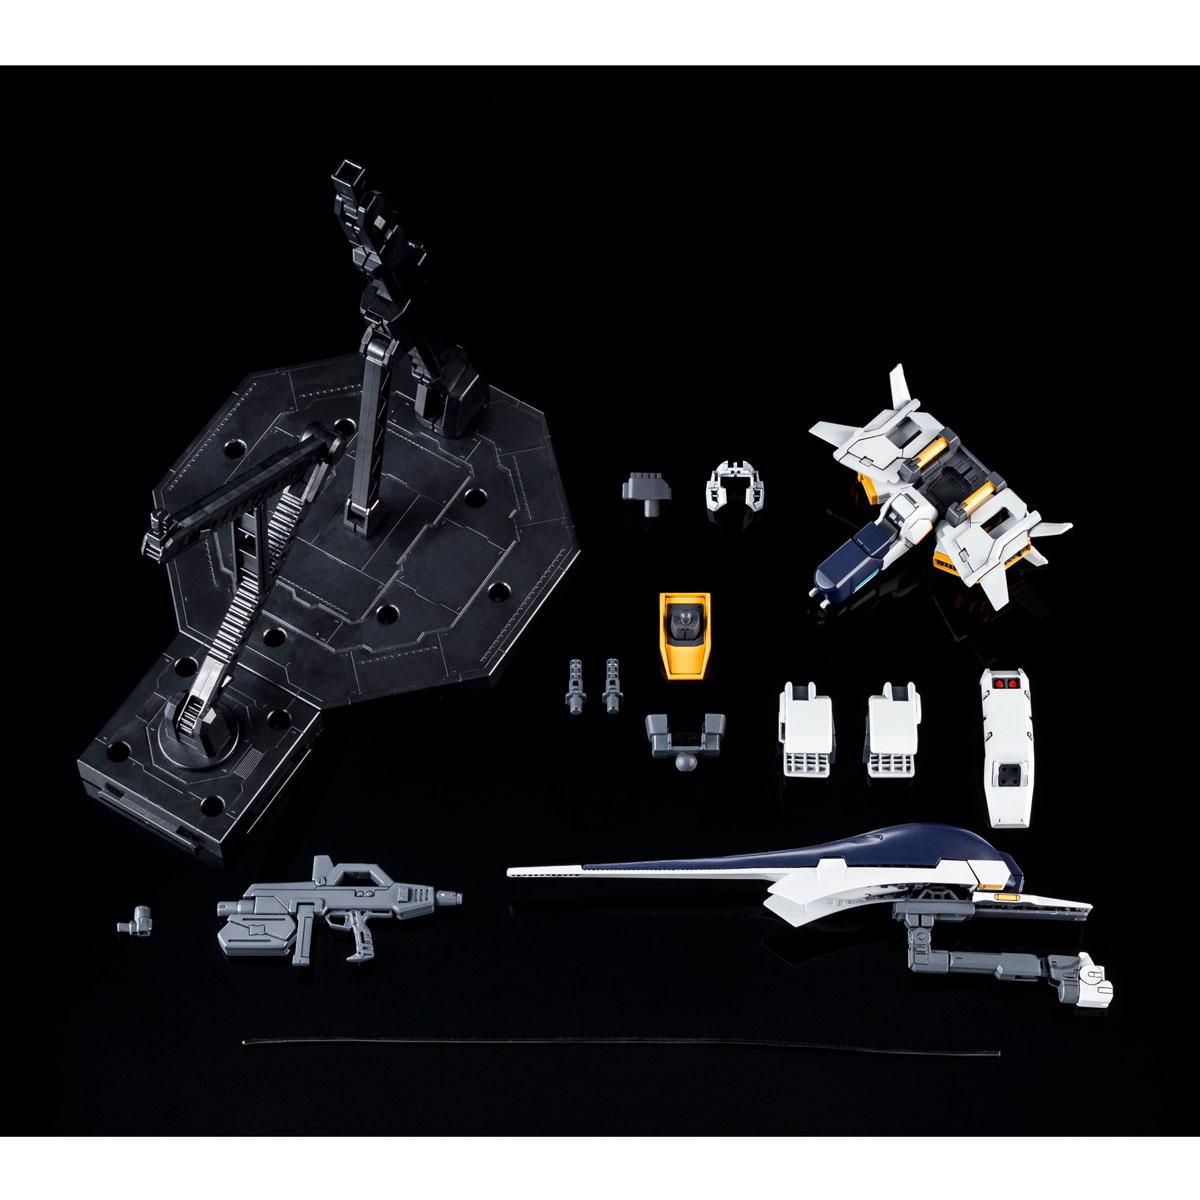 MG 1/100 EMERGENCY ESCAPE POD [PRIMROSE] EXPANSION SET [Jan 2021 Delivery]